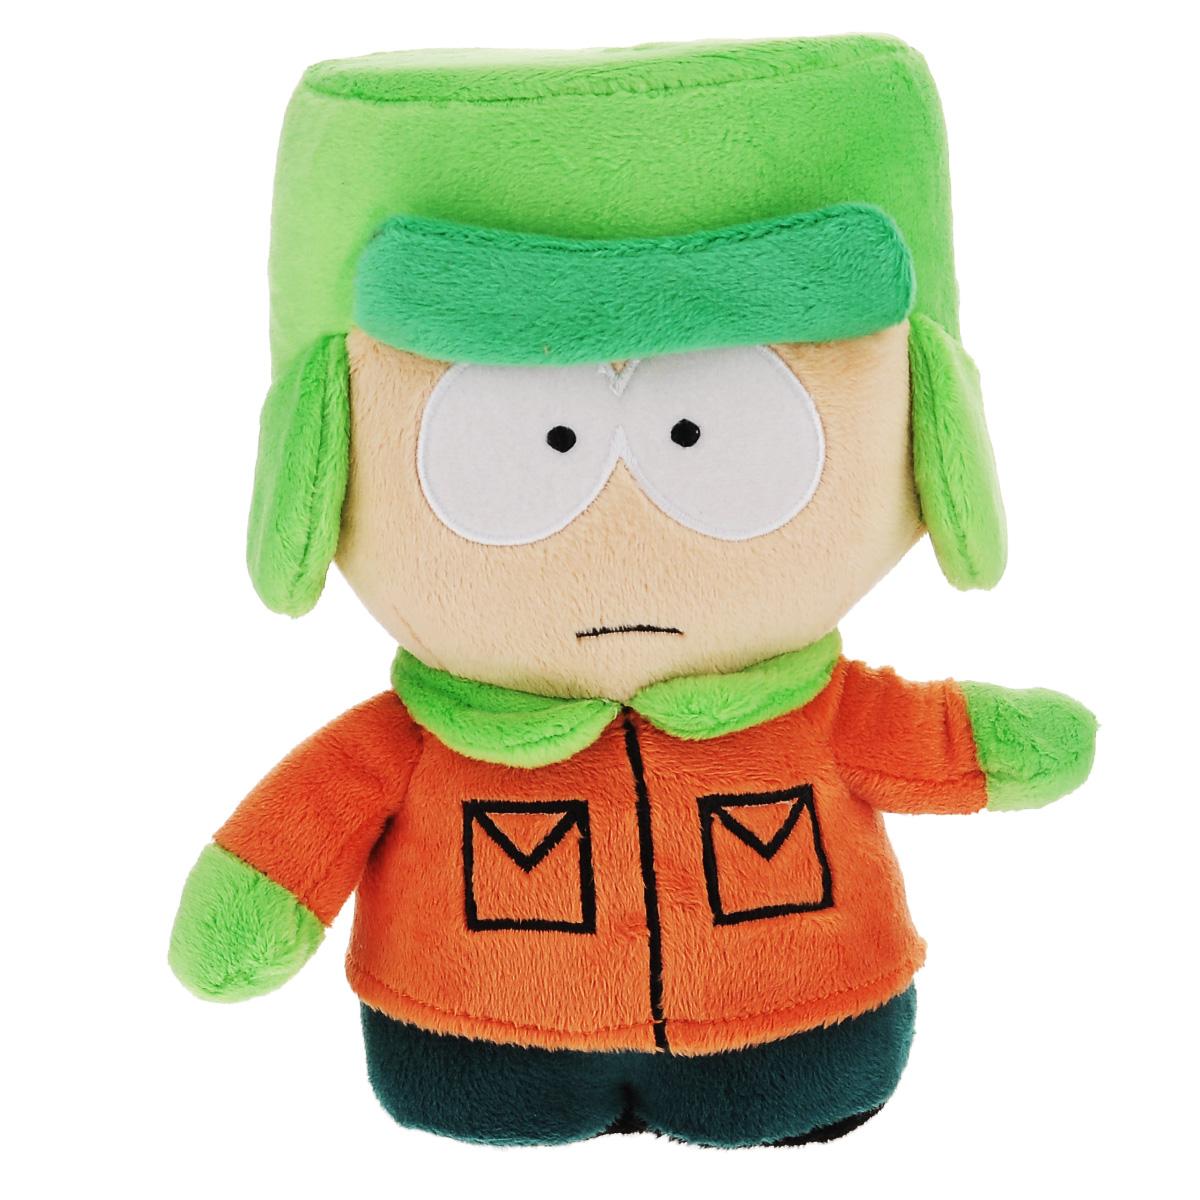 Мягкая озвученная игрушка South Park Кайл, 22 смТ57482Оригинальная мягкая игрушка выполнена в виде Кайла - одного из персонажей американского мультсериала Южный парк (South Park). При нажатии на левую ладонь игрушки воспроизводится одна из 10 знаменитых фраз Кайла или песенка из мультсериала. Содержит ненормативную лексику. Мягкая озвученная игрушка South Park Кайл придется по душе поклоннику Южного парка! Южный парк - второй по длительности анимационный сериал в истории американского телевидения. Сериал выходит поздно вечером и позиционируется как мультфильм для взрослых. Рекомендуется докупить 3 батарейки напряжением 1,5V типа ААА (товар комплектуется демонстрационными).